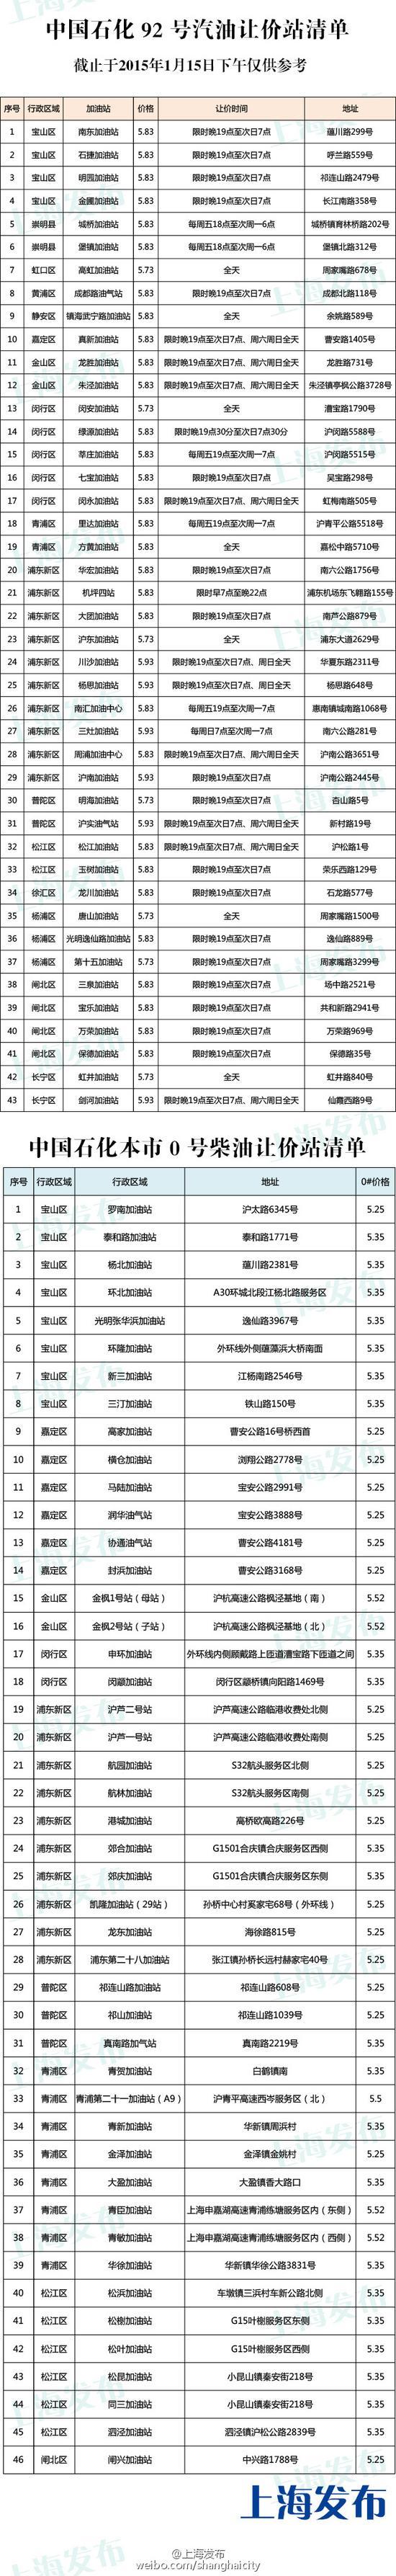 上海市中石化中石油公布最新打折加油站